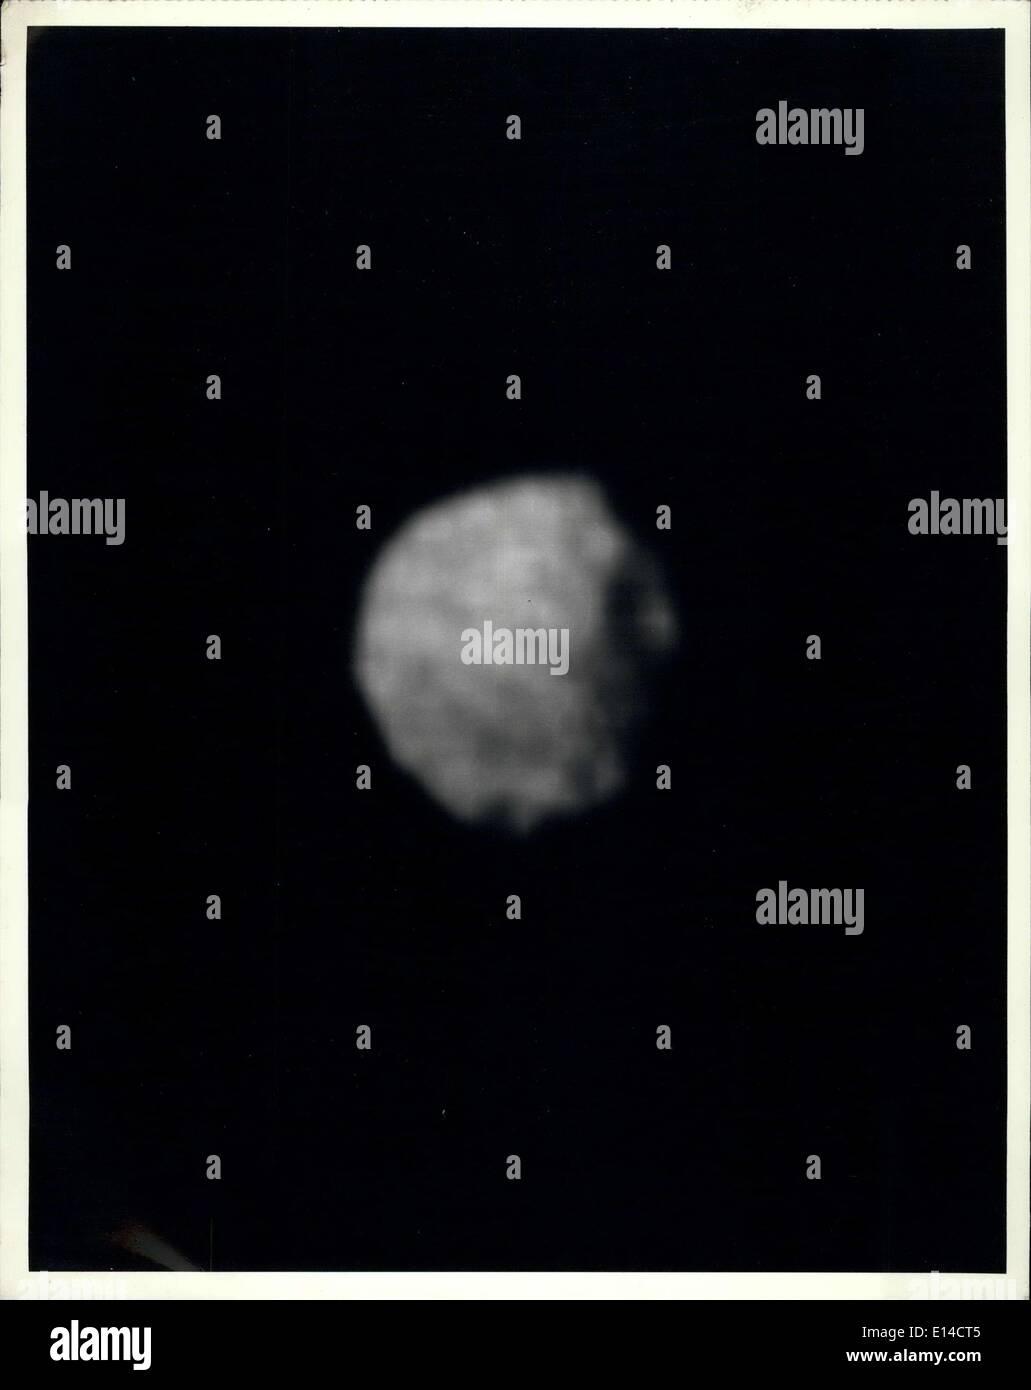 Le 17 avril 2012 - Cette mosaïque des quatre plus hauts -résolution des images d'Ariel représente le plus détaillé de cette image de Voyager 2 satellite d'Uranus. Les images ont été prises à travers le filtre plus clair de voyager est étroit -angle pour le Jan, 1986, à une distance d'environ 130 000 kilomètres (80 000 miles). Ariel sur 1 200 km (750 mi) de diamètre, la résolution ici est de 2,4 km (1,5 mi). Une grande partie de la surface de l';Ariel est densément ponctuées de cratères de 5 à 10 km (3 à 6 mi) l'ensemble. Ces cratères sont proches du seuil de détection dans cette photo Photo Stock